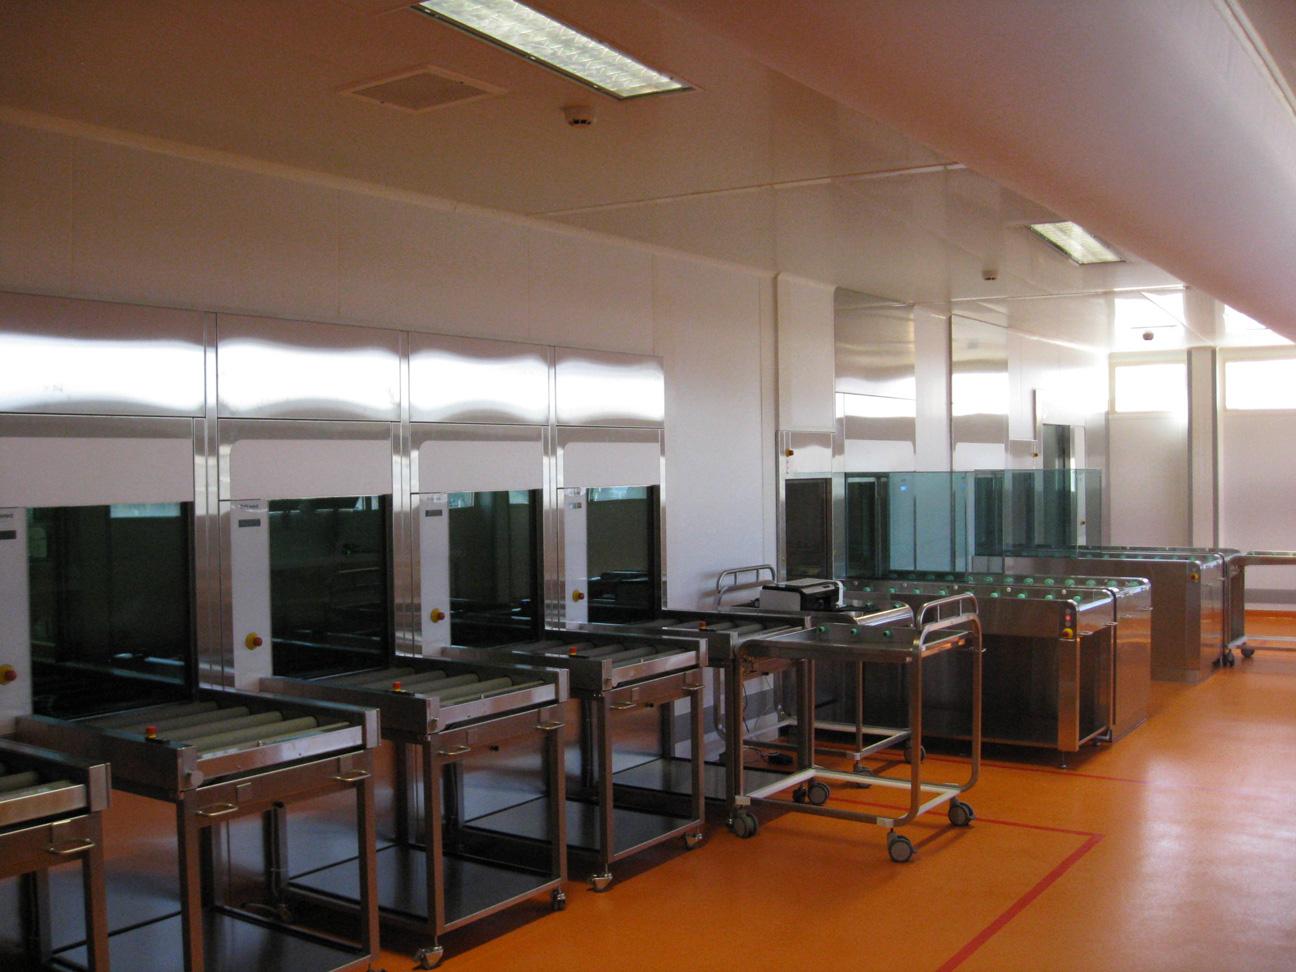 Sterience marseille bureau d 39 etudes techniques industrie et tertiaire - Bureau d etude marseille ...